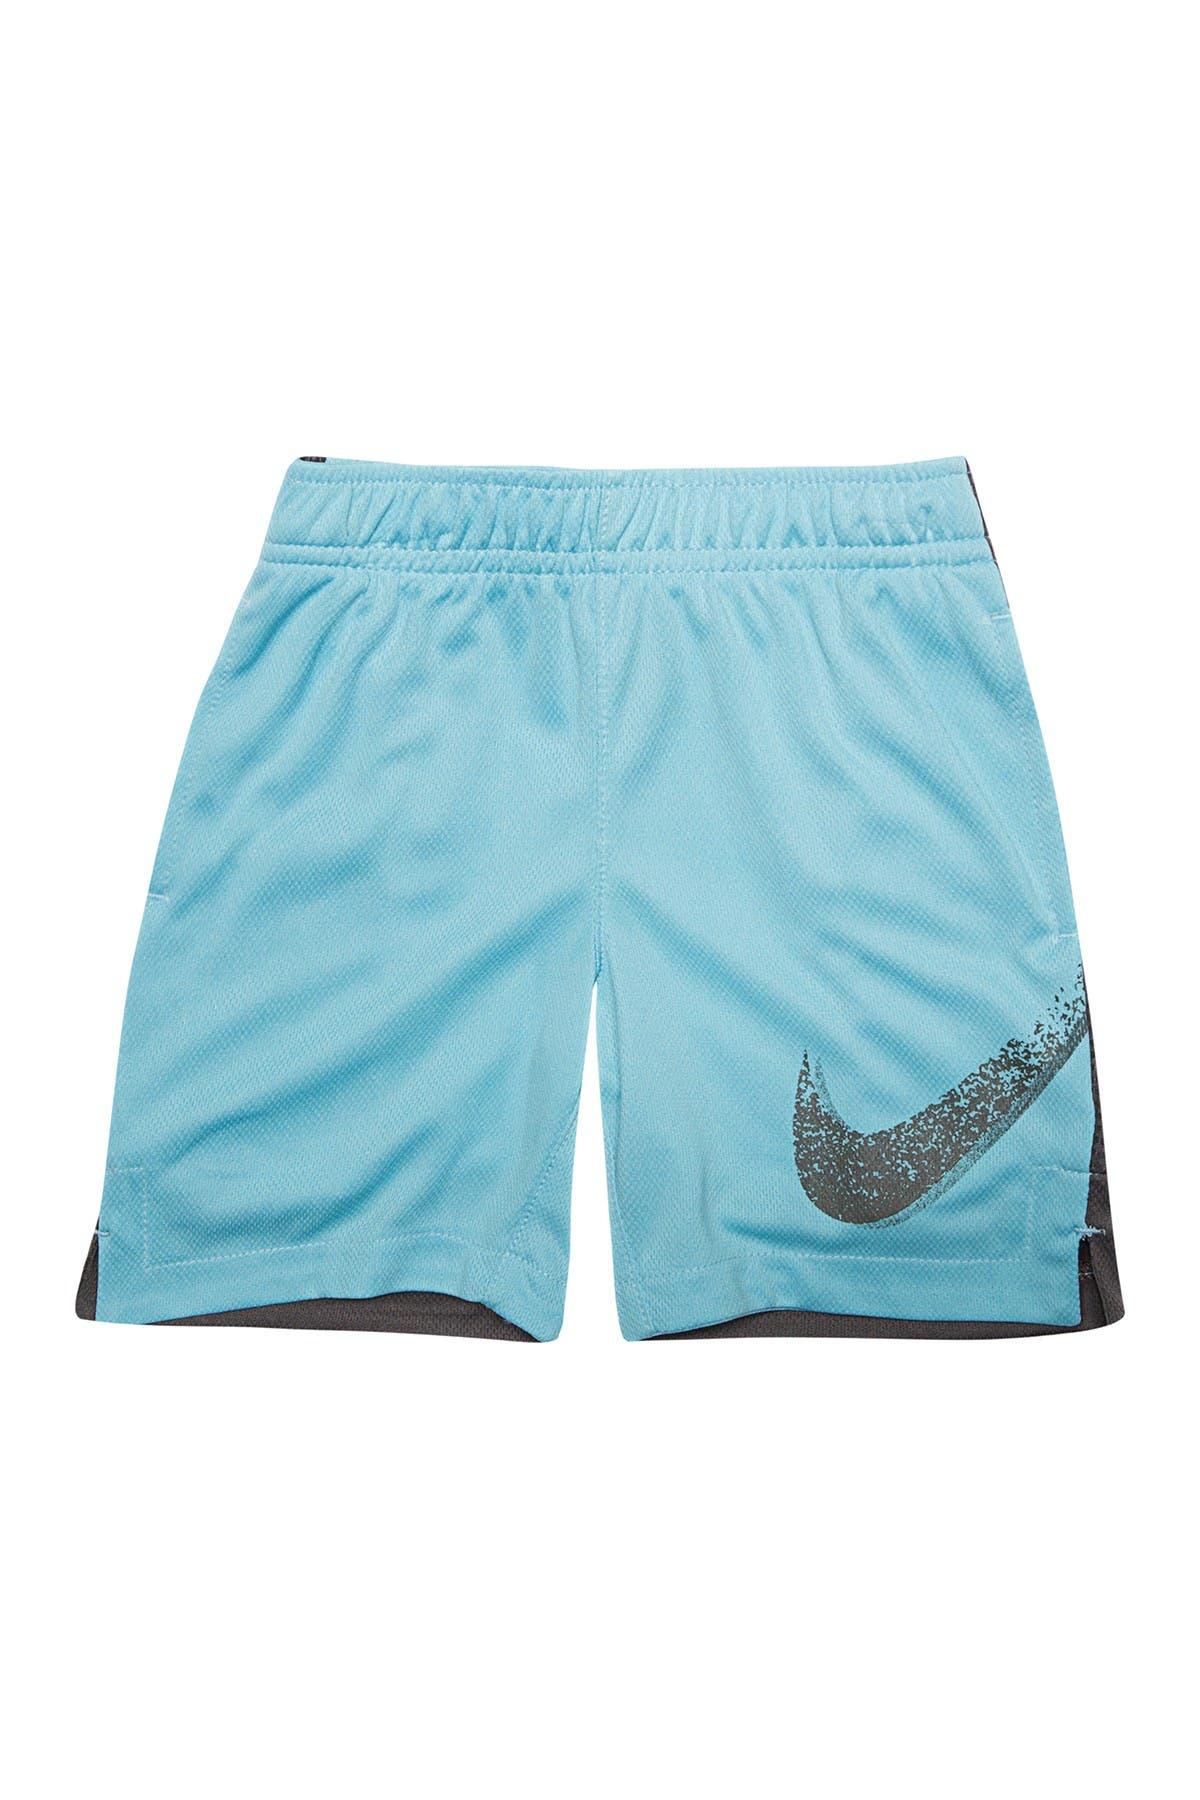 Image of Nike Dry Legacy GFX Shorts